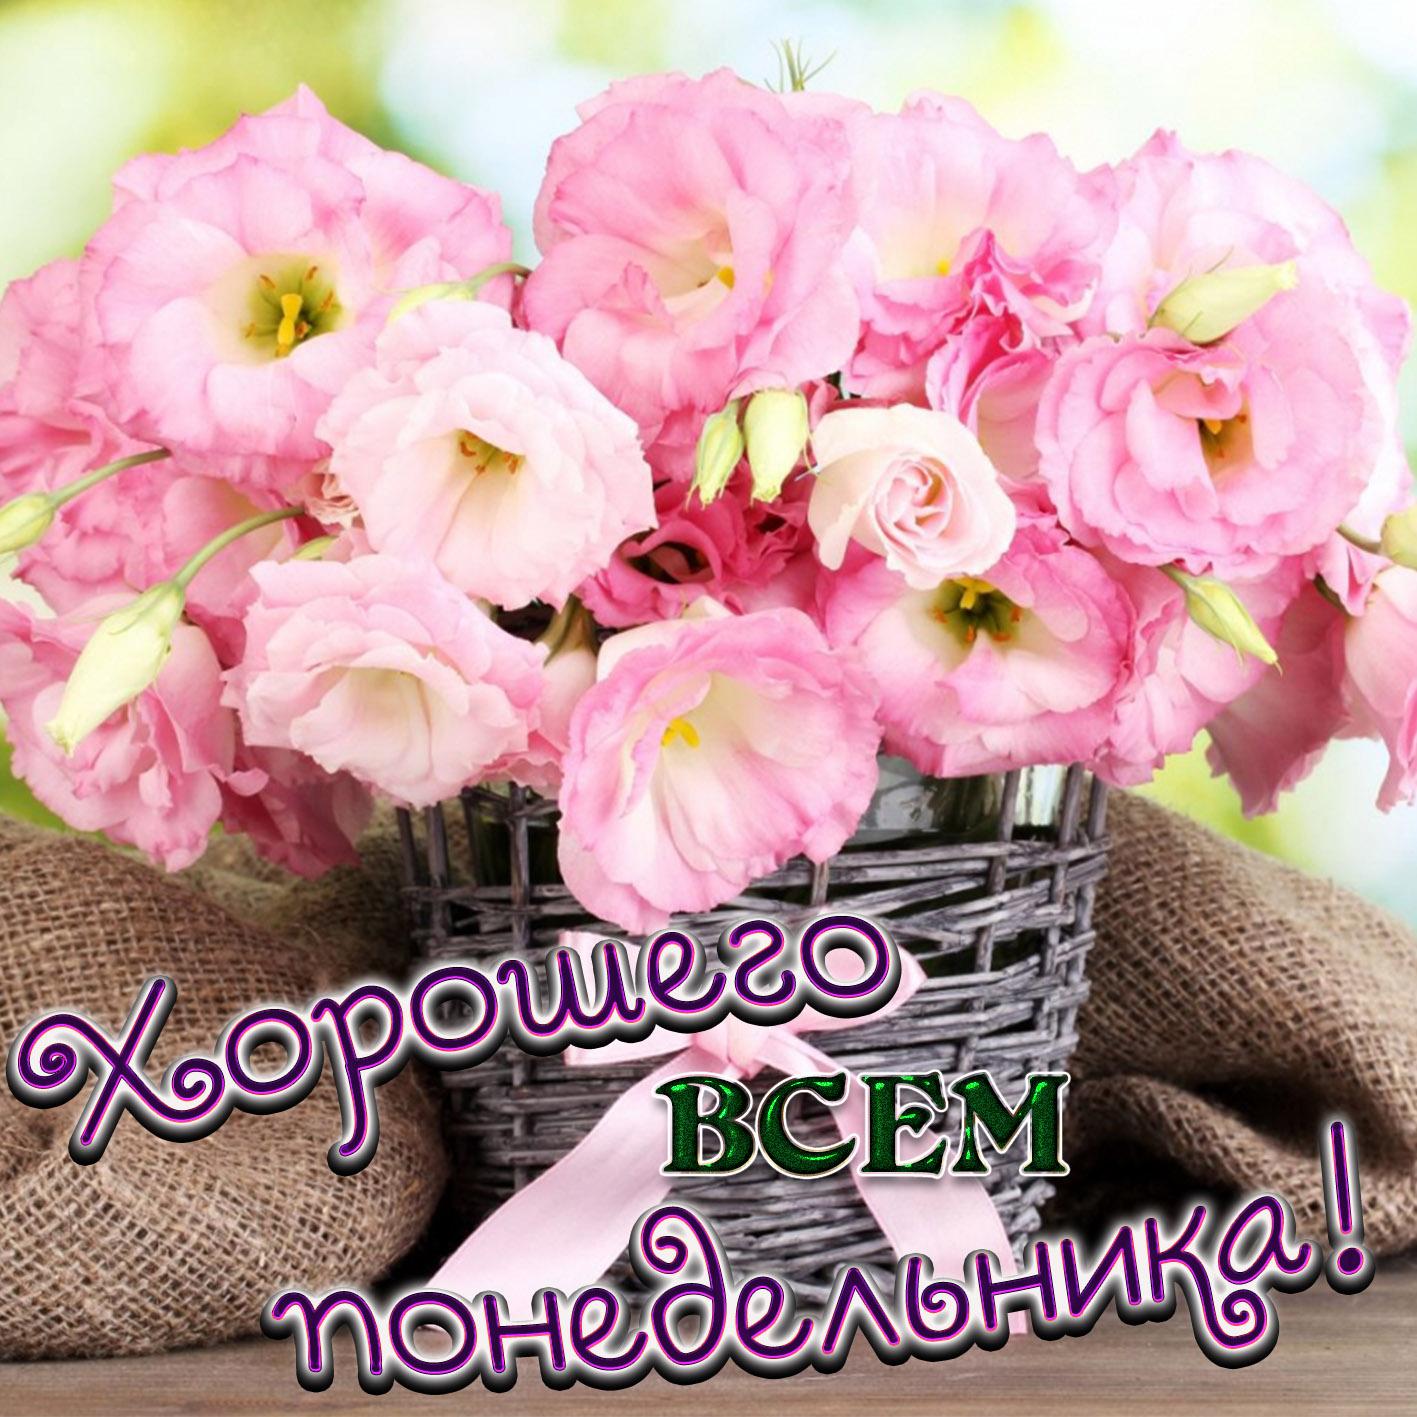 Хорошие открытки с пожеланием доброго утра и хорошей недели, привет меня хорошего